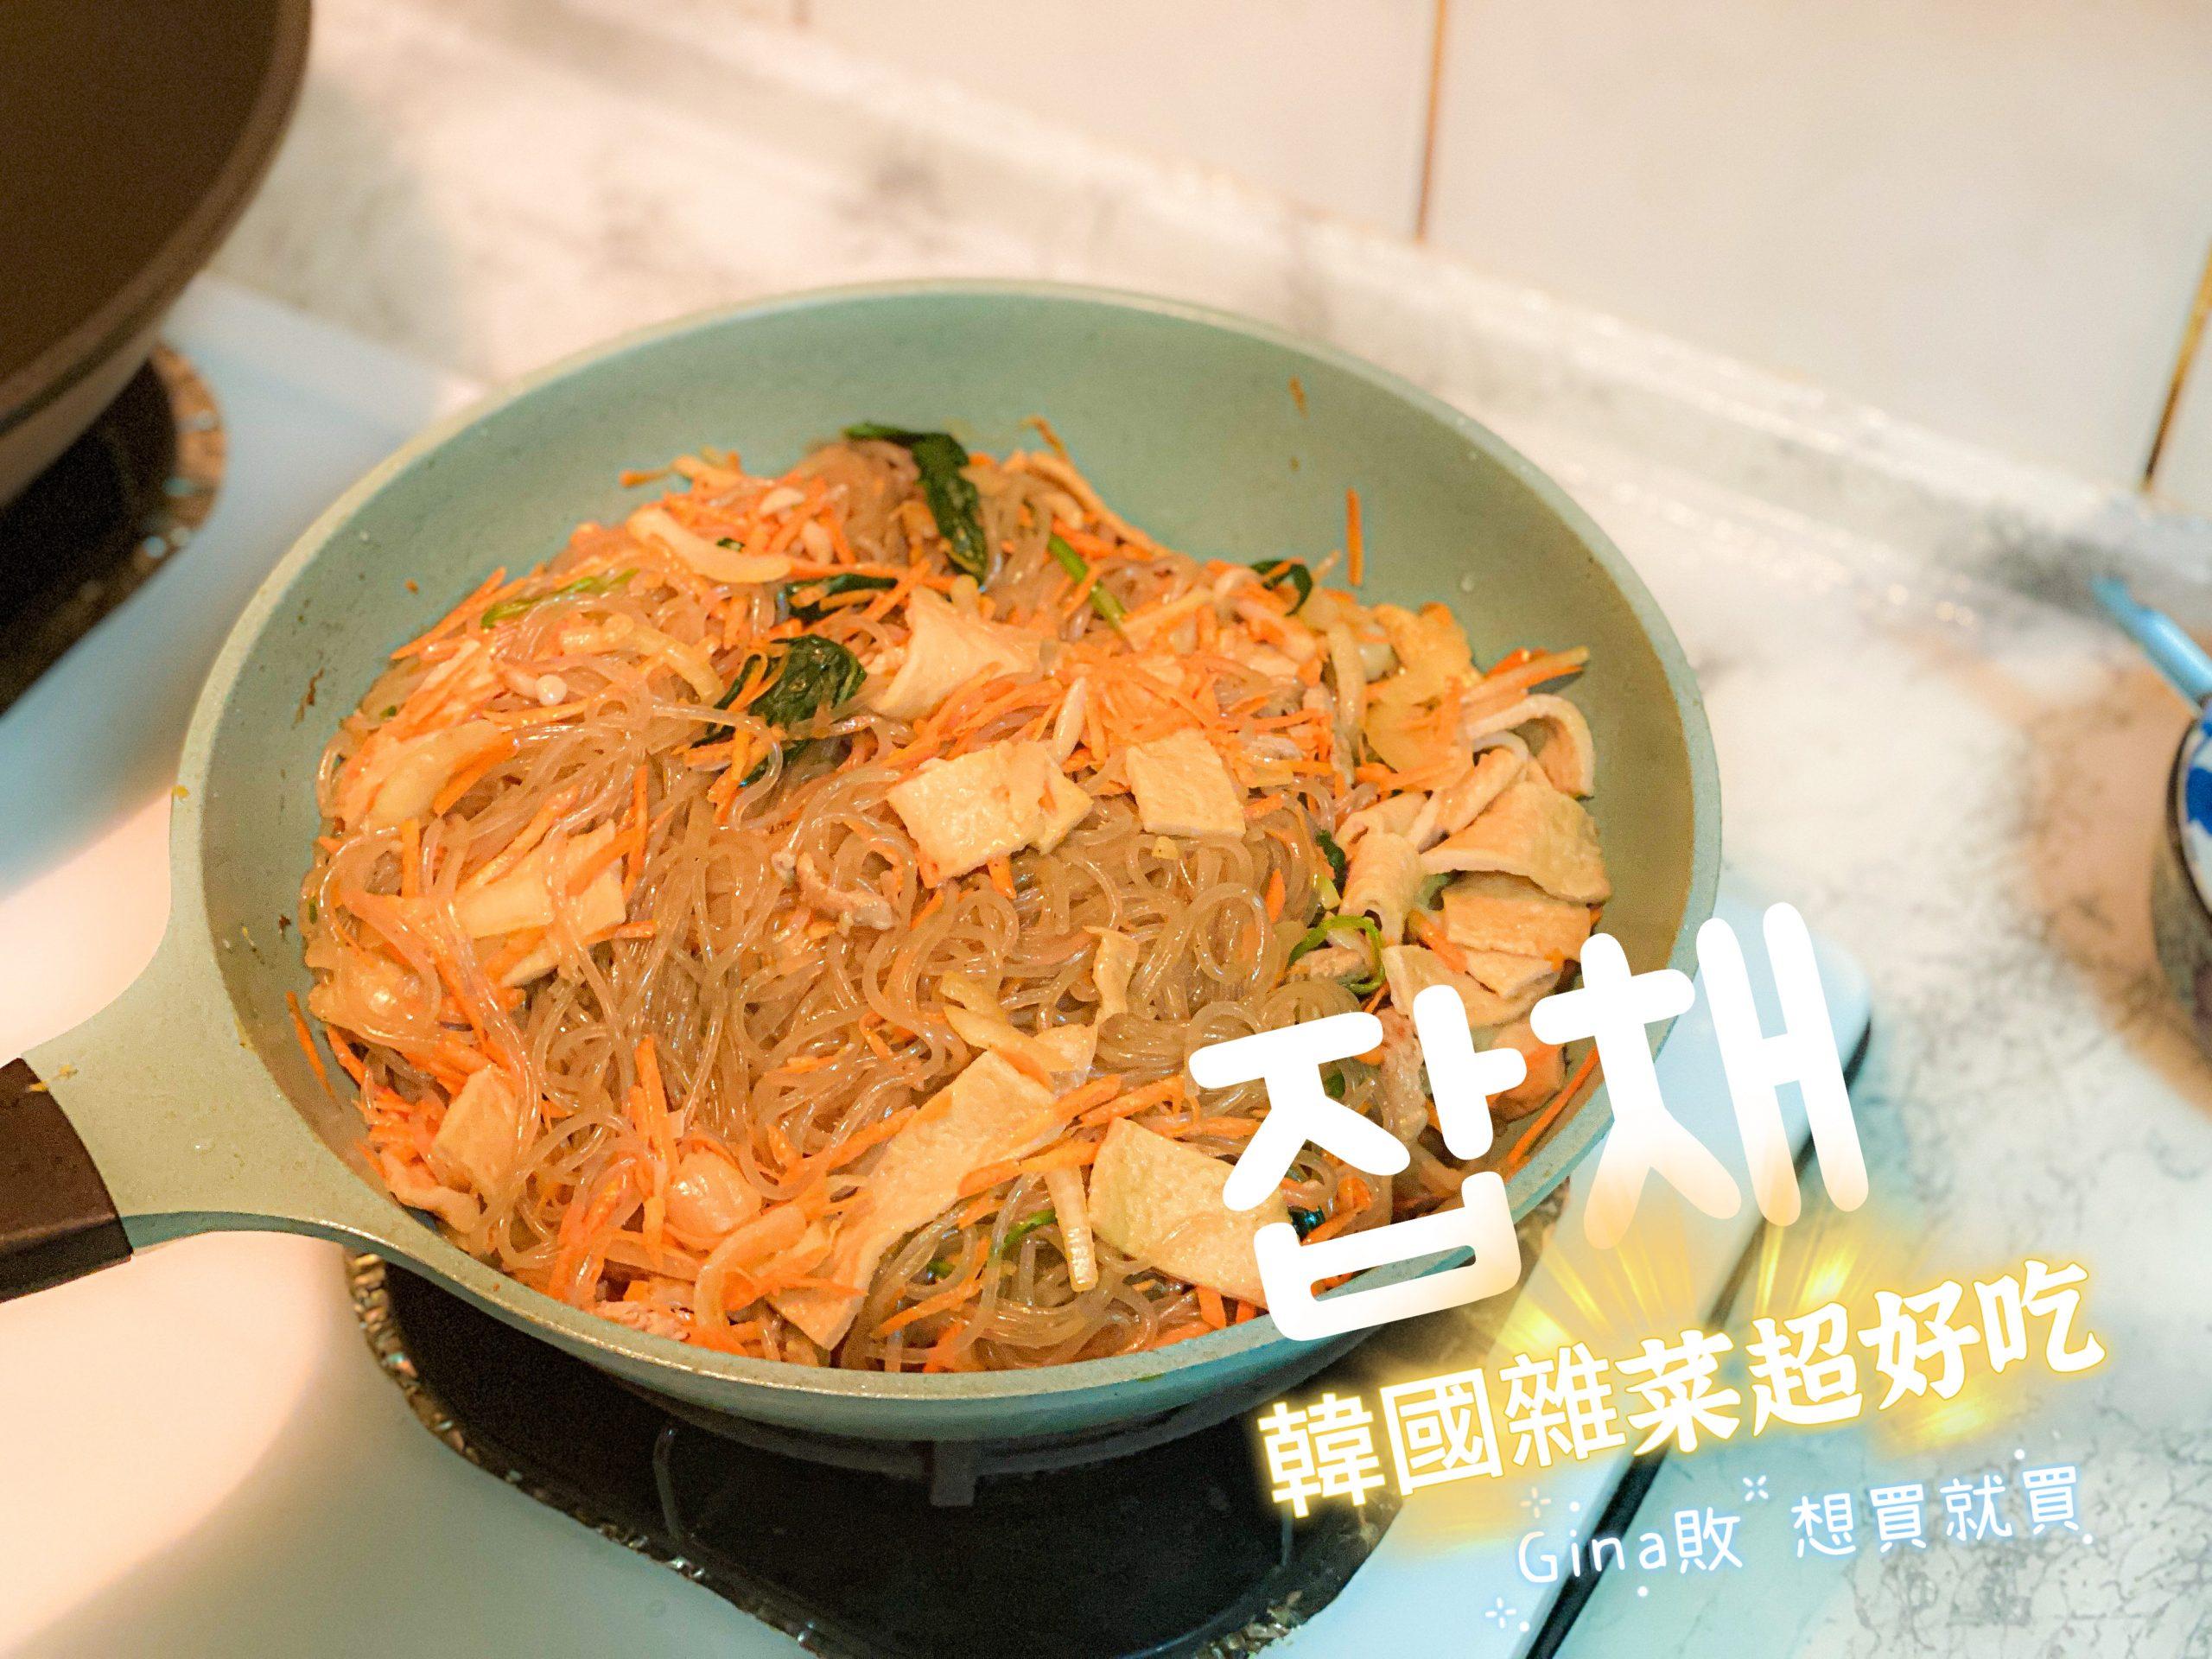 【韓式雜菜食譜】韓國料理雜菜作法|韓國雜菜、韓國冬粉哪裡買? @GINA LIN